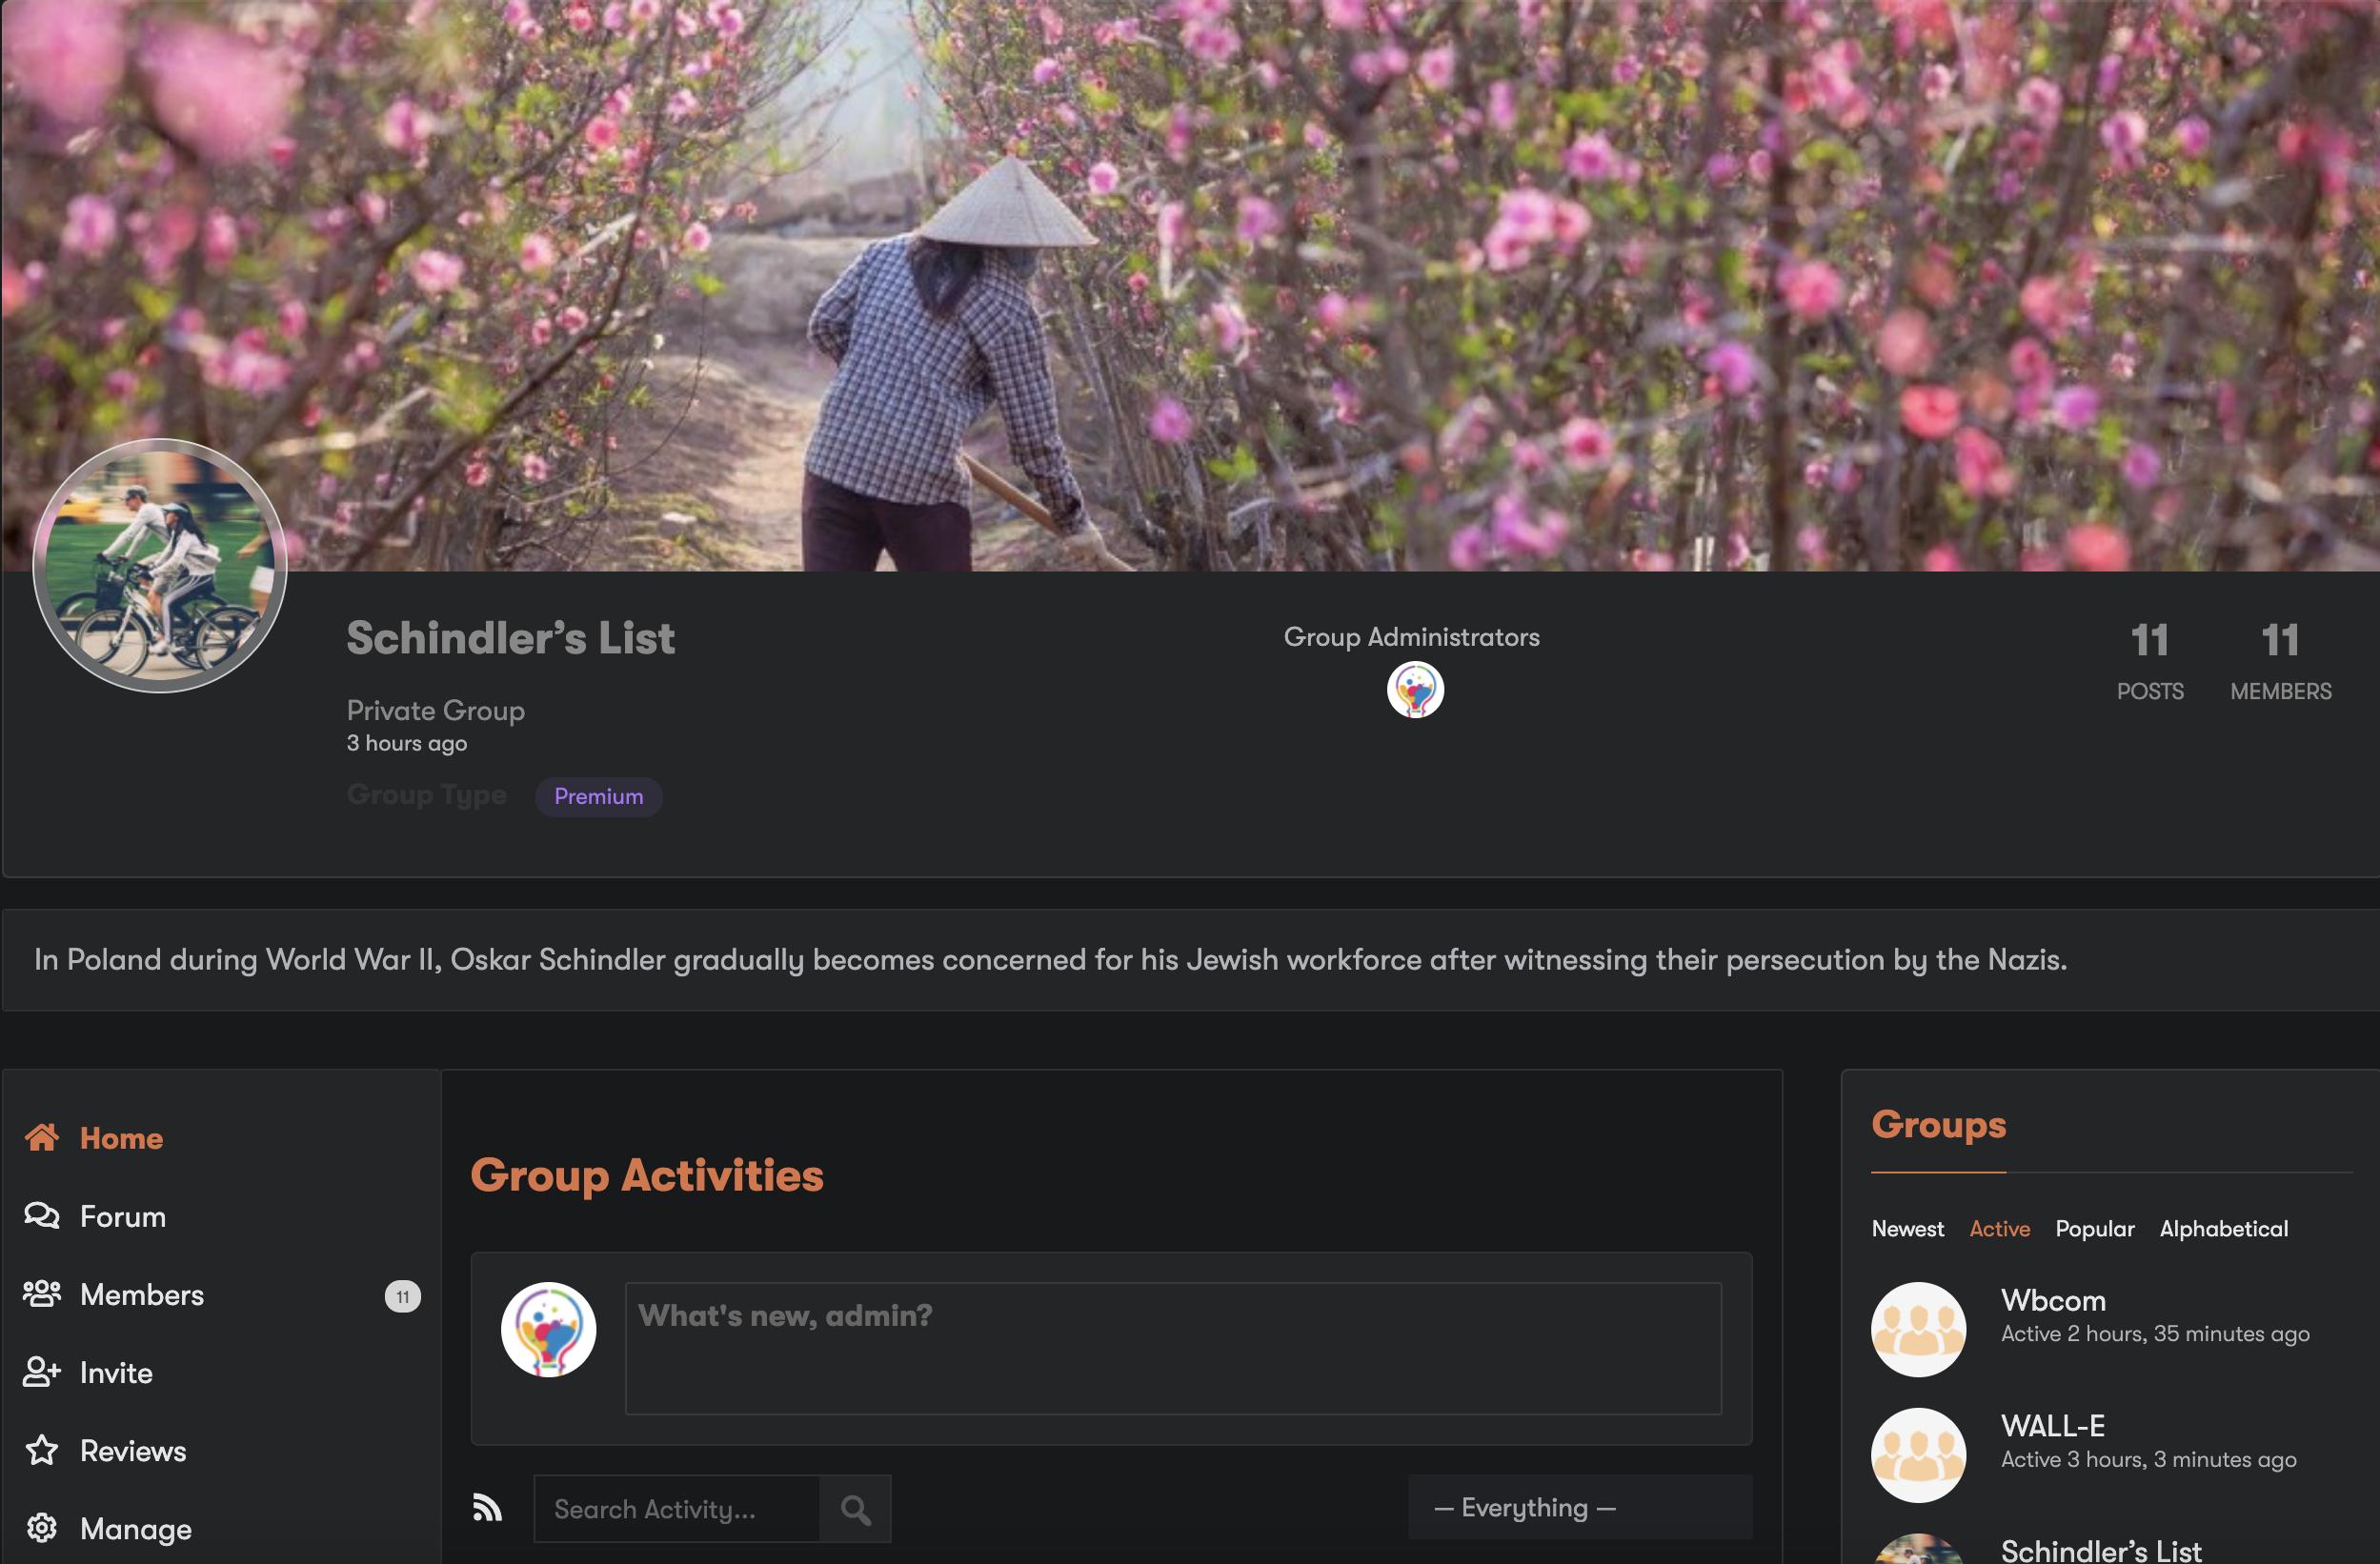 BuddyPress Group Page